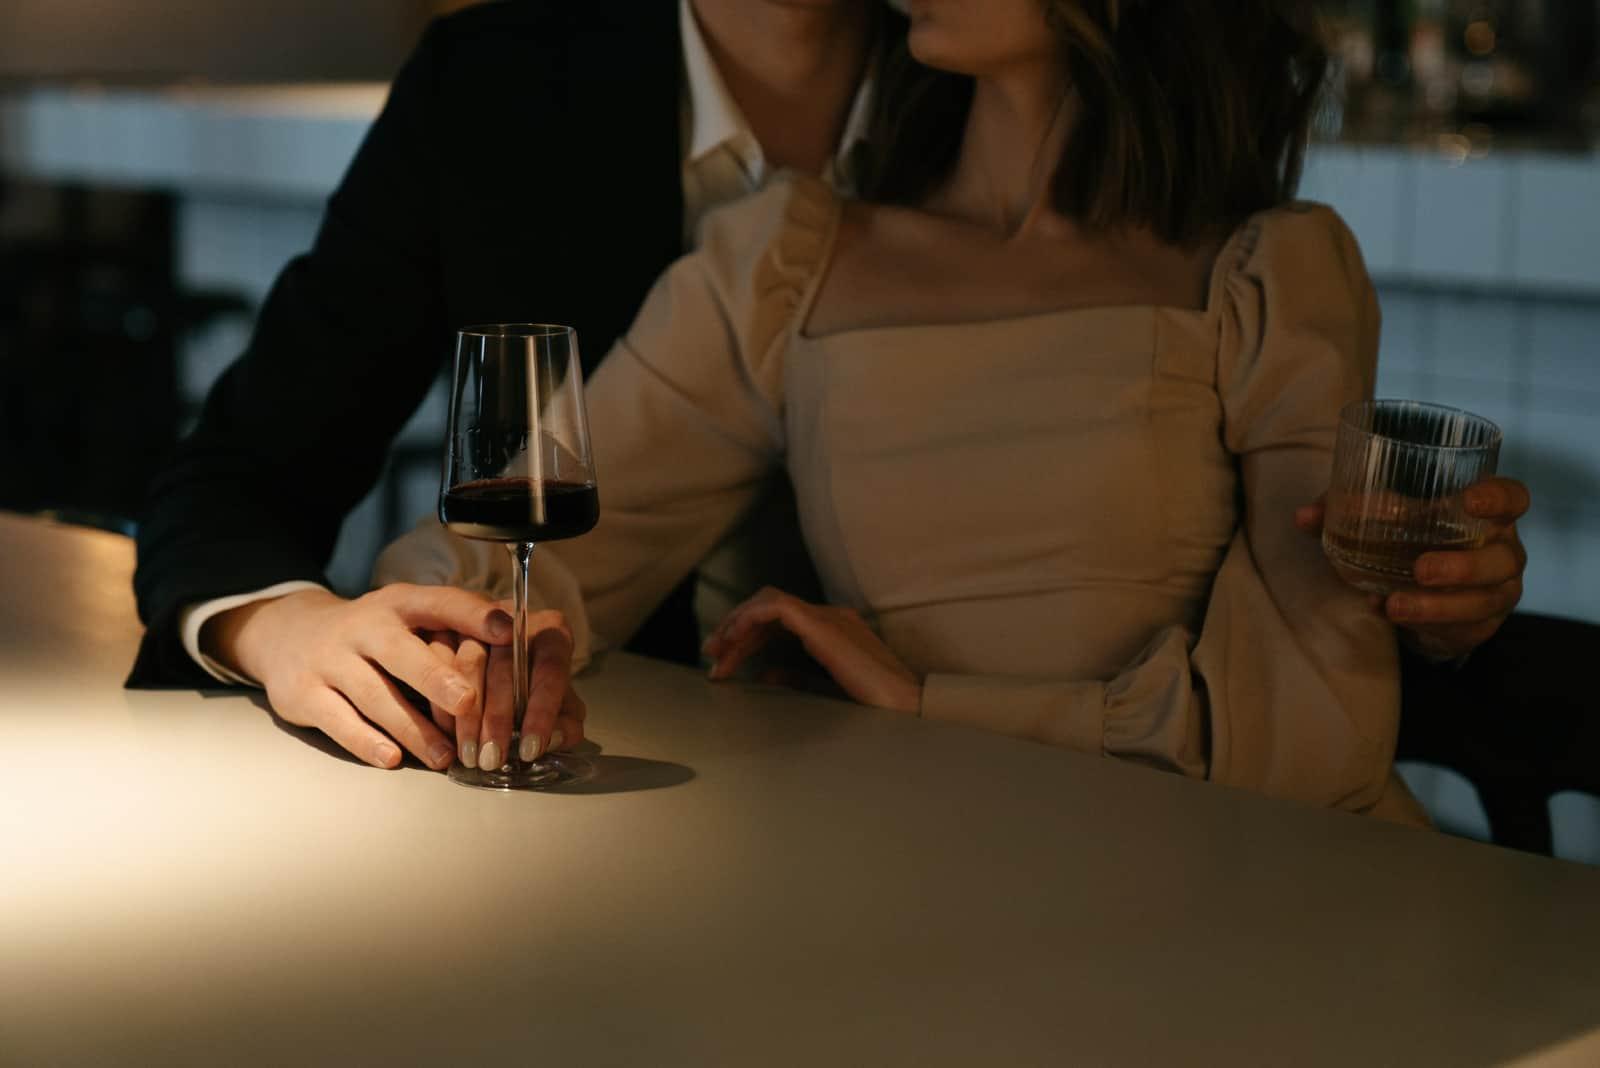 homme et femme tenant des boissons alors qu'il était assis à table